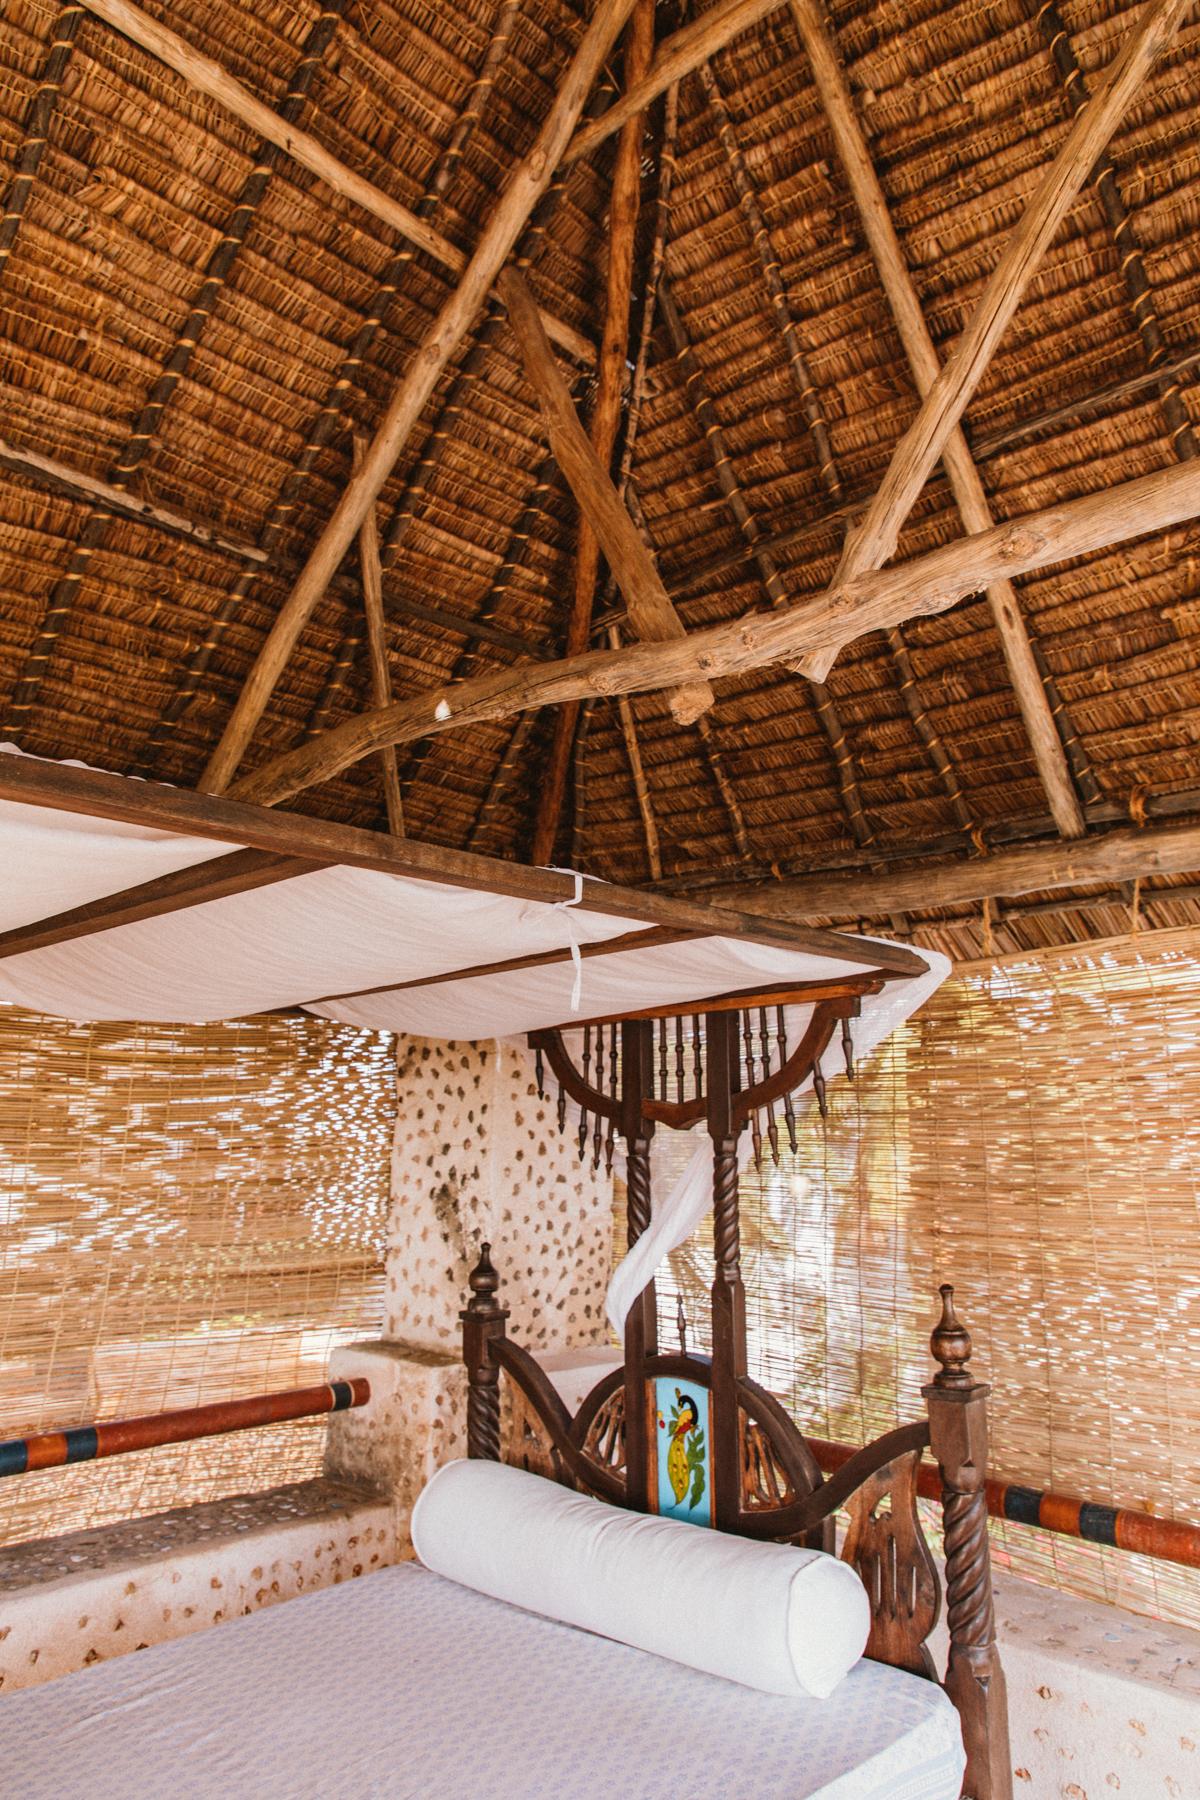 Spiritedpursuit_leelitumbe-134_lamu_kenya.jpg